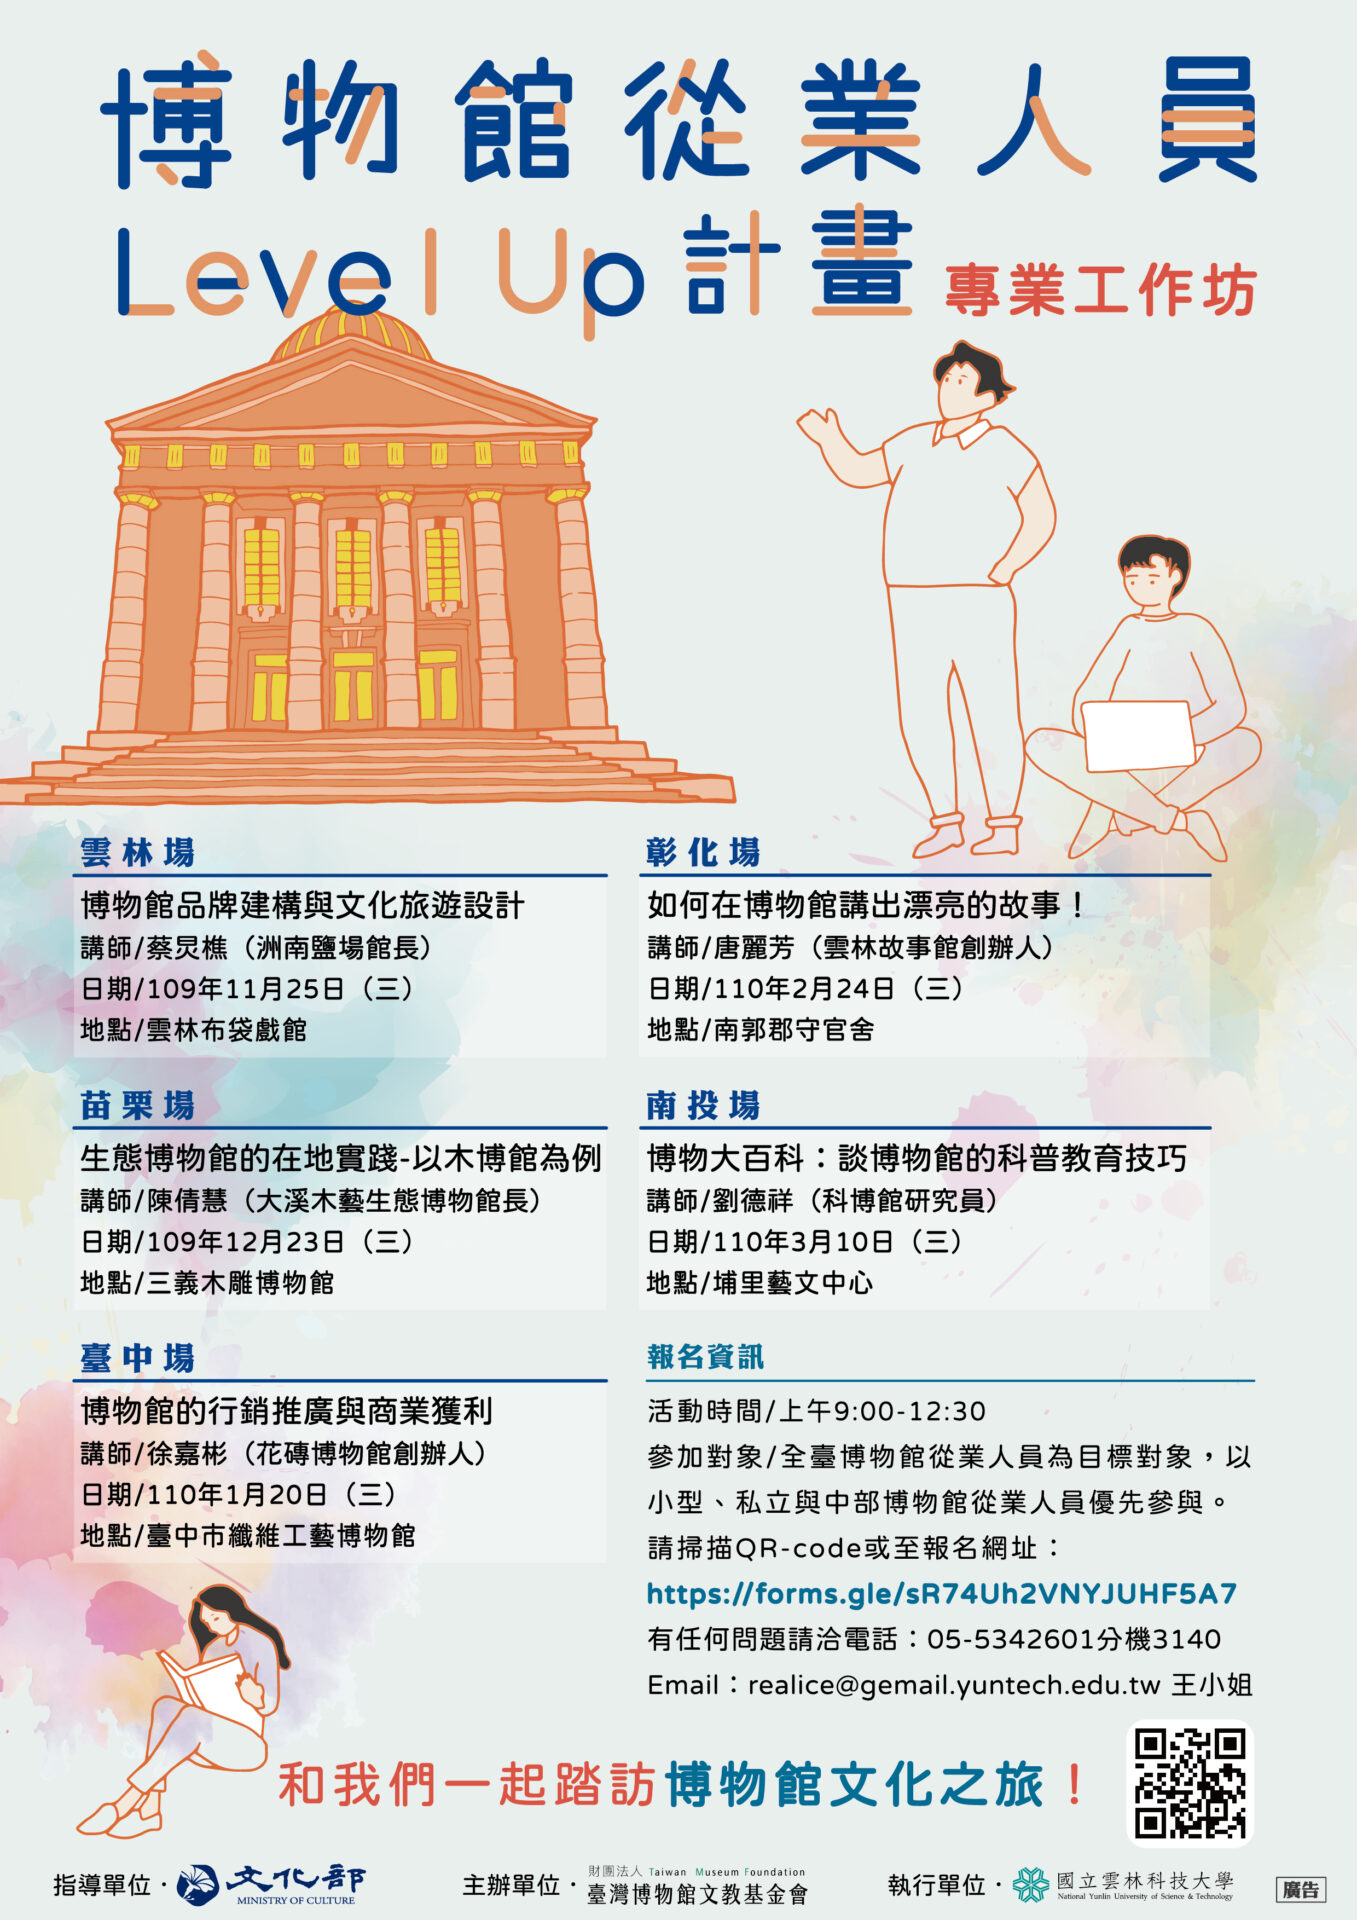 財團法人臺灣博物館文教基金會:2020/11/25、12/23、2021/01/20、2021/02/24、2021/03/10【博物館從業人員Level Up計畫(中部)—專業工作坊】